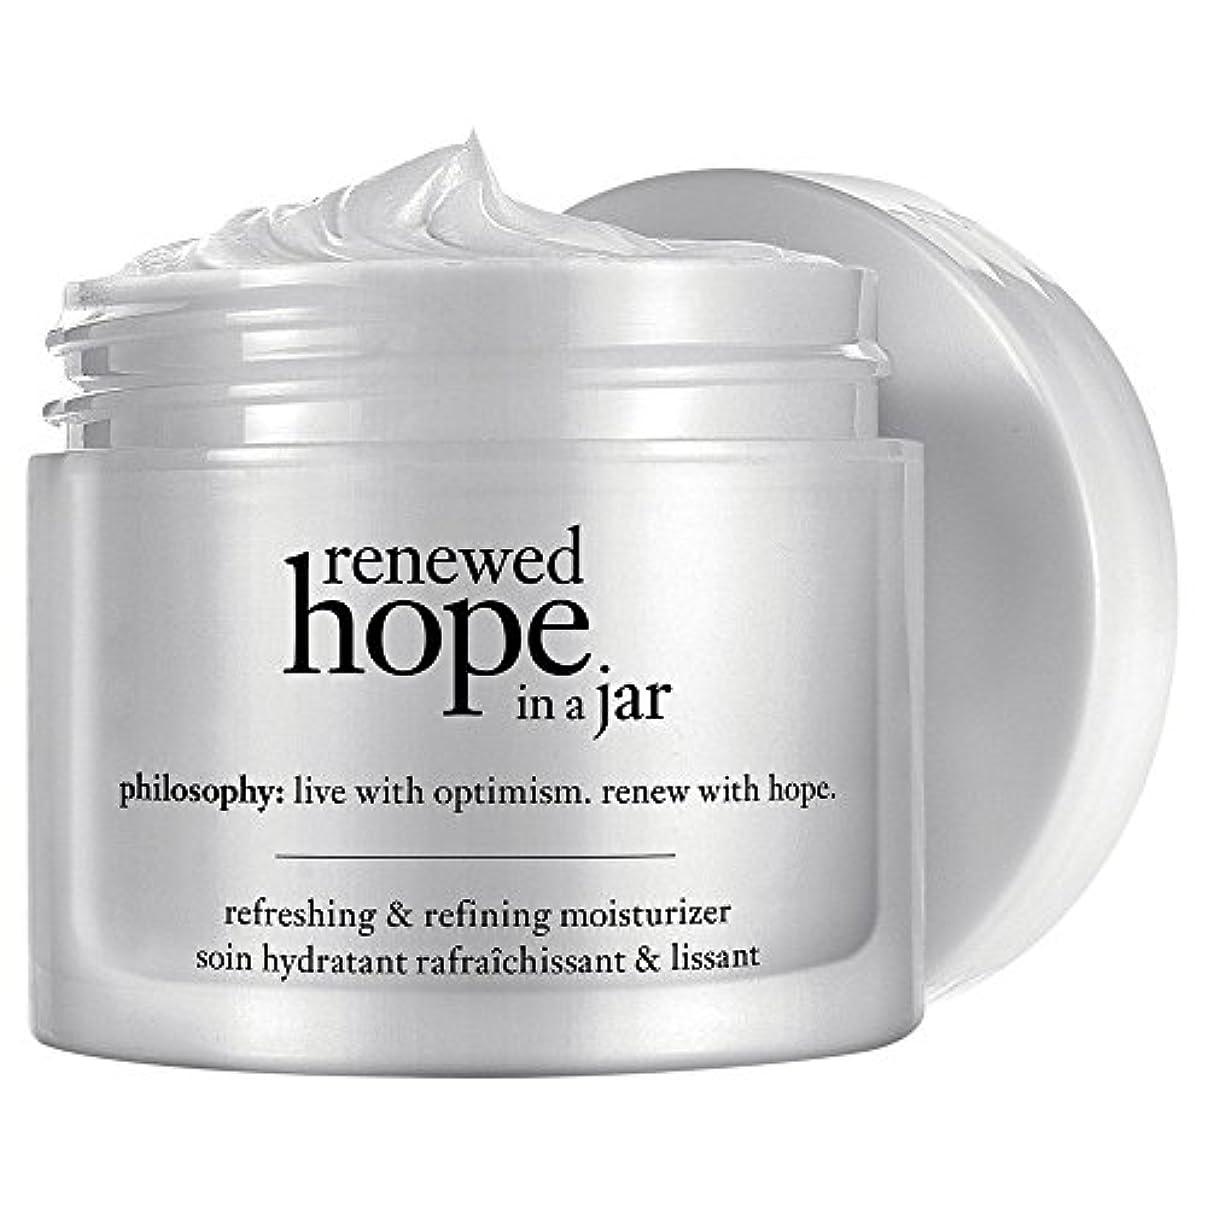 眉キュービックペニー瓶内の哲学新たな希望を、60ミリリットル (Philosophy) (x2) - Philosophy Renewed Hope In a Jar, 60ml (Pack of 2) [並行輸入品]